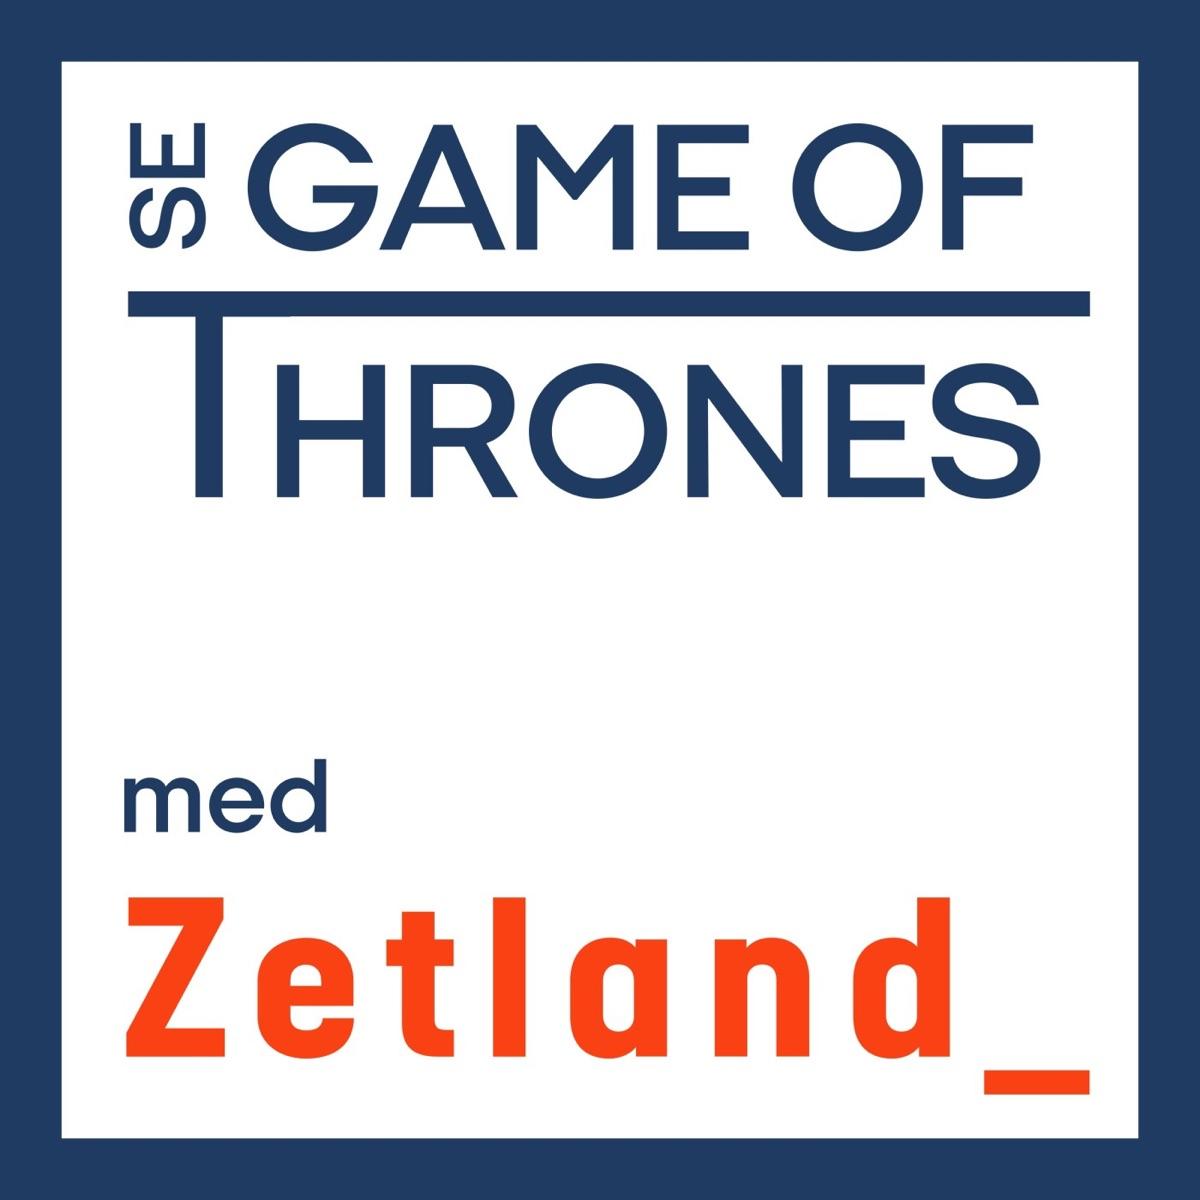 Se Game of Thrones med Zetland